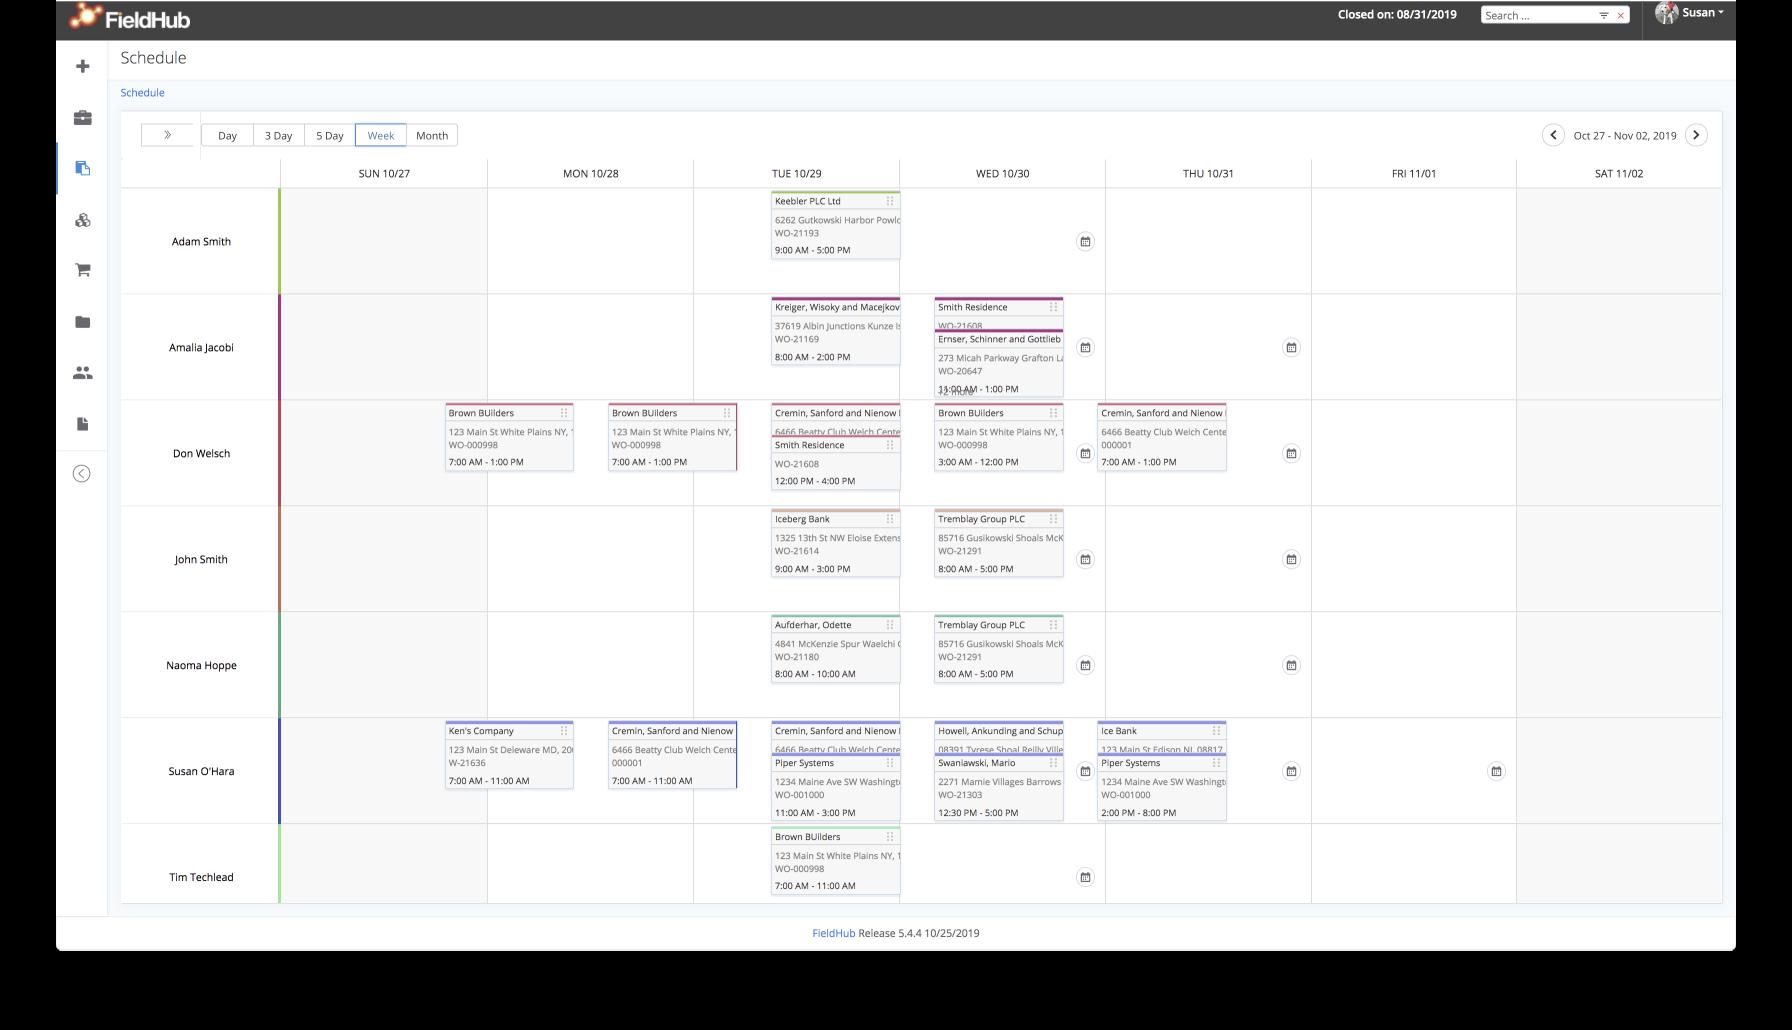 Detailed Week Dispatch Schedule View